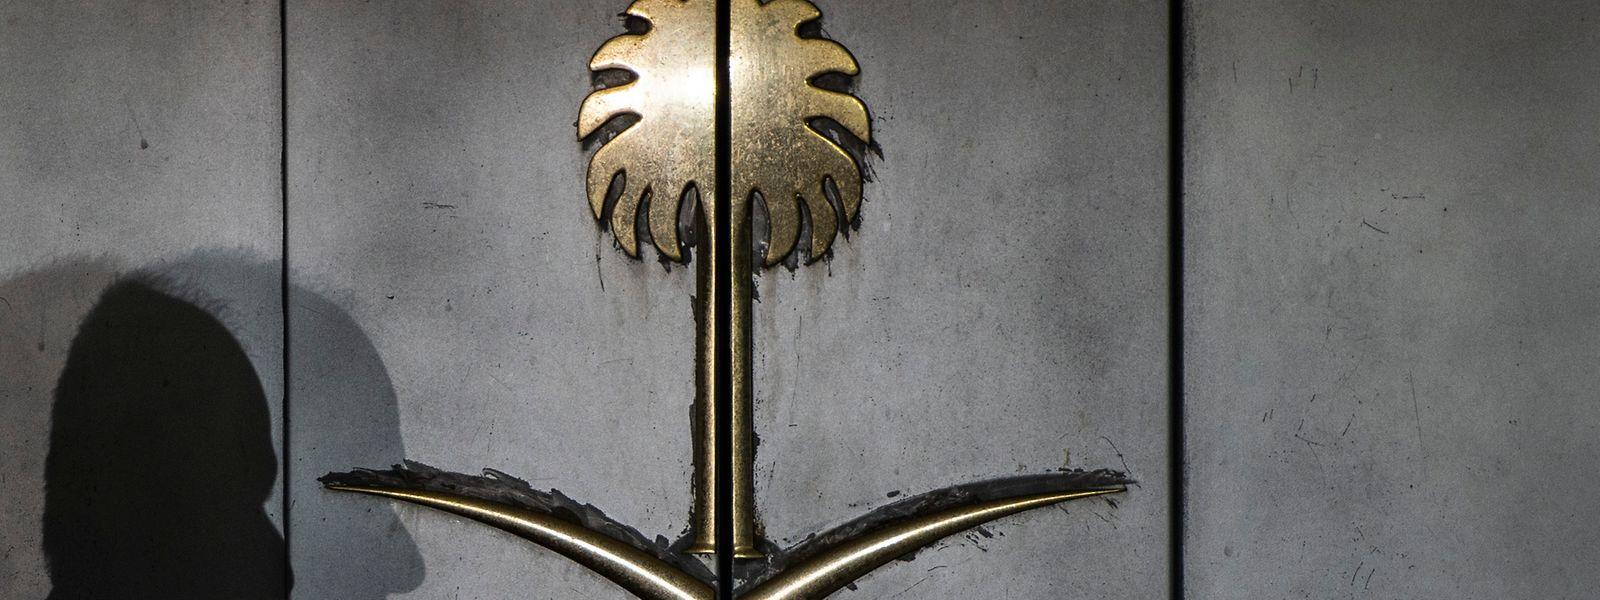 Der Eingang zum saudischen Konsulat in Istanbul.